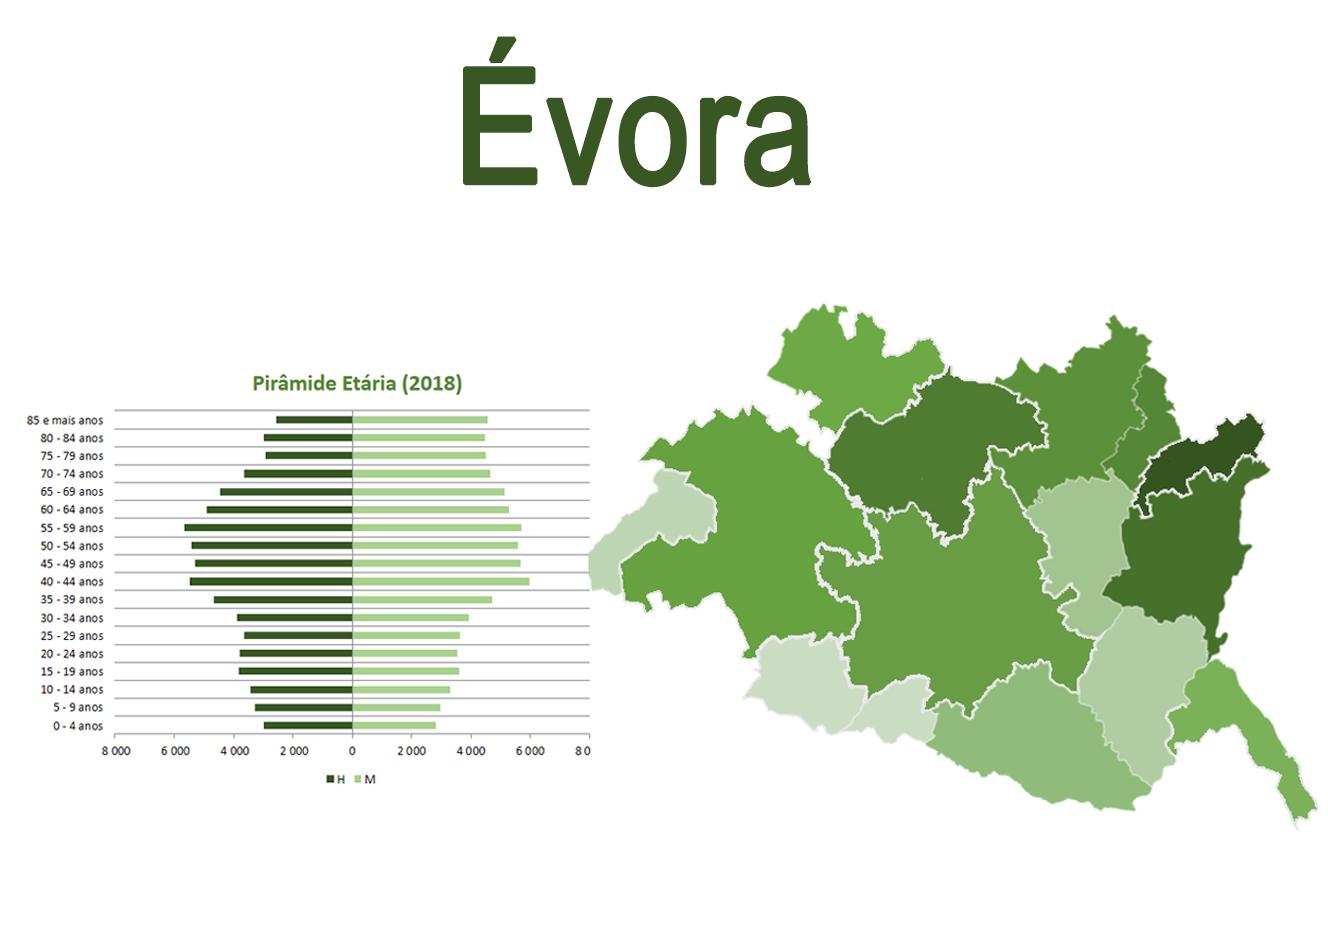 Mapa e Pirâmide etária para o distrito de Évora